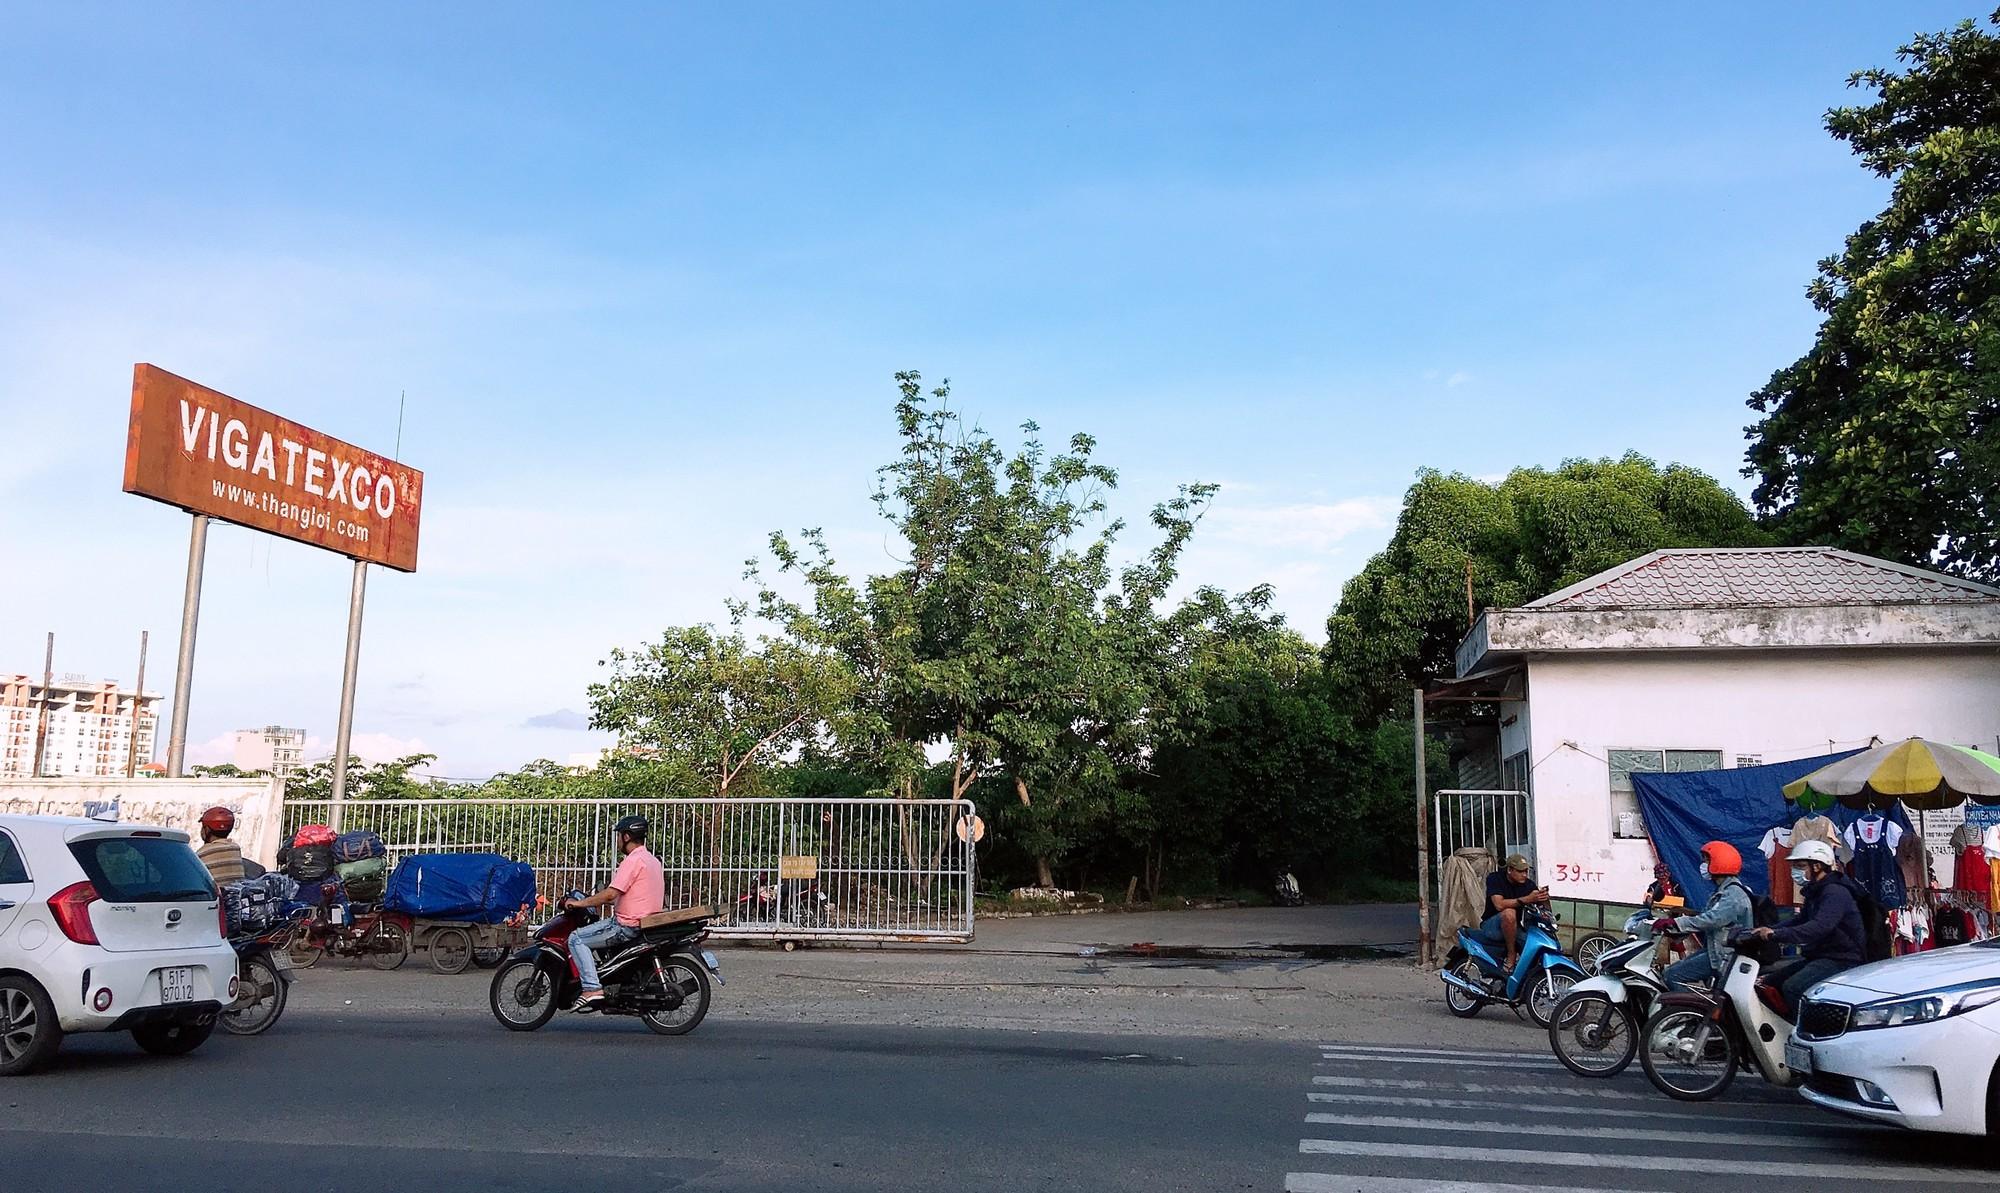 Bí ẩn đại gia địa ốc thâu tóm dự án đất vàng gần 16 hecta của VinaCapital tại Sài Gòn - Ảnh 3.